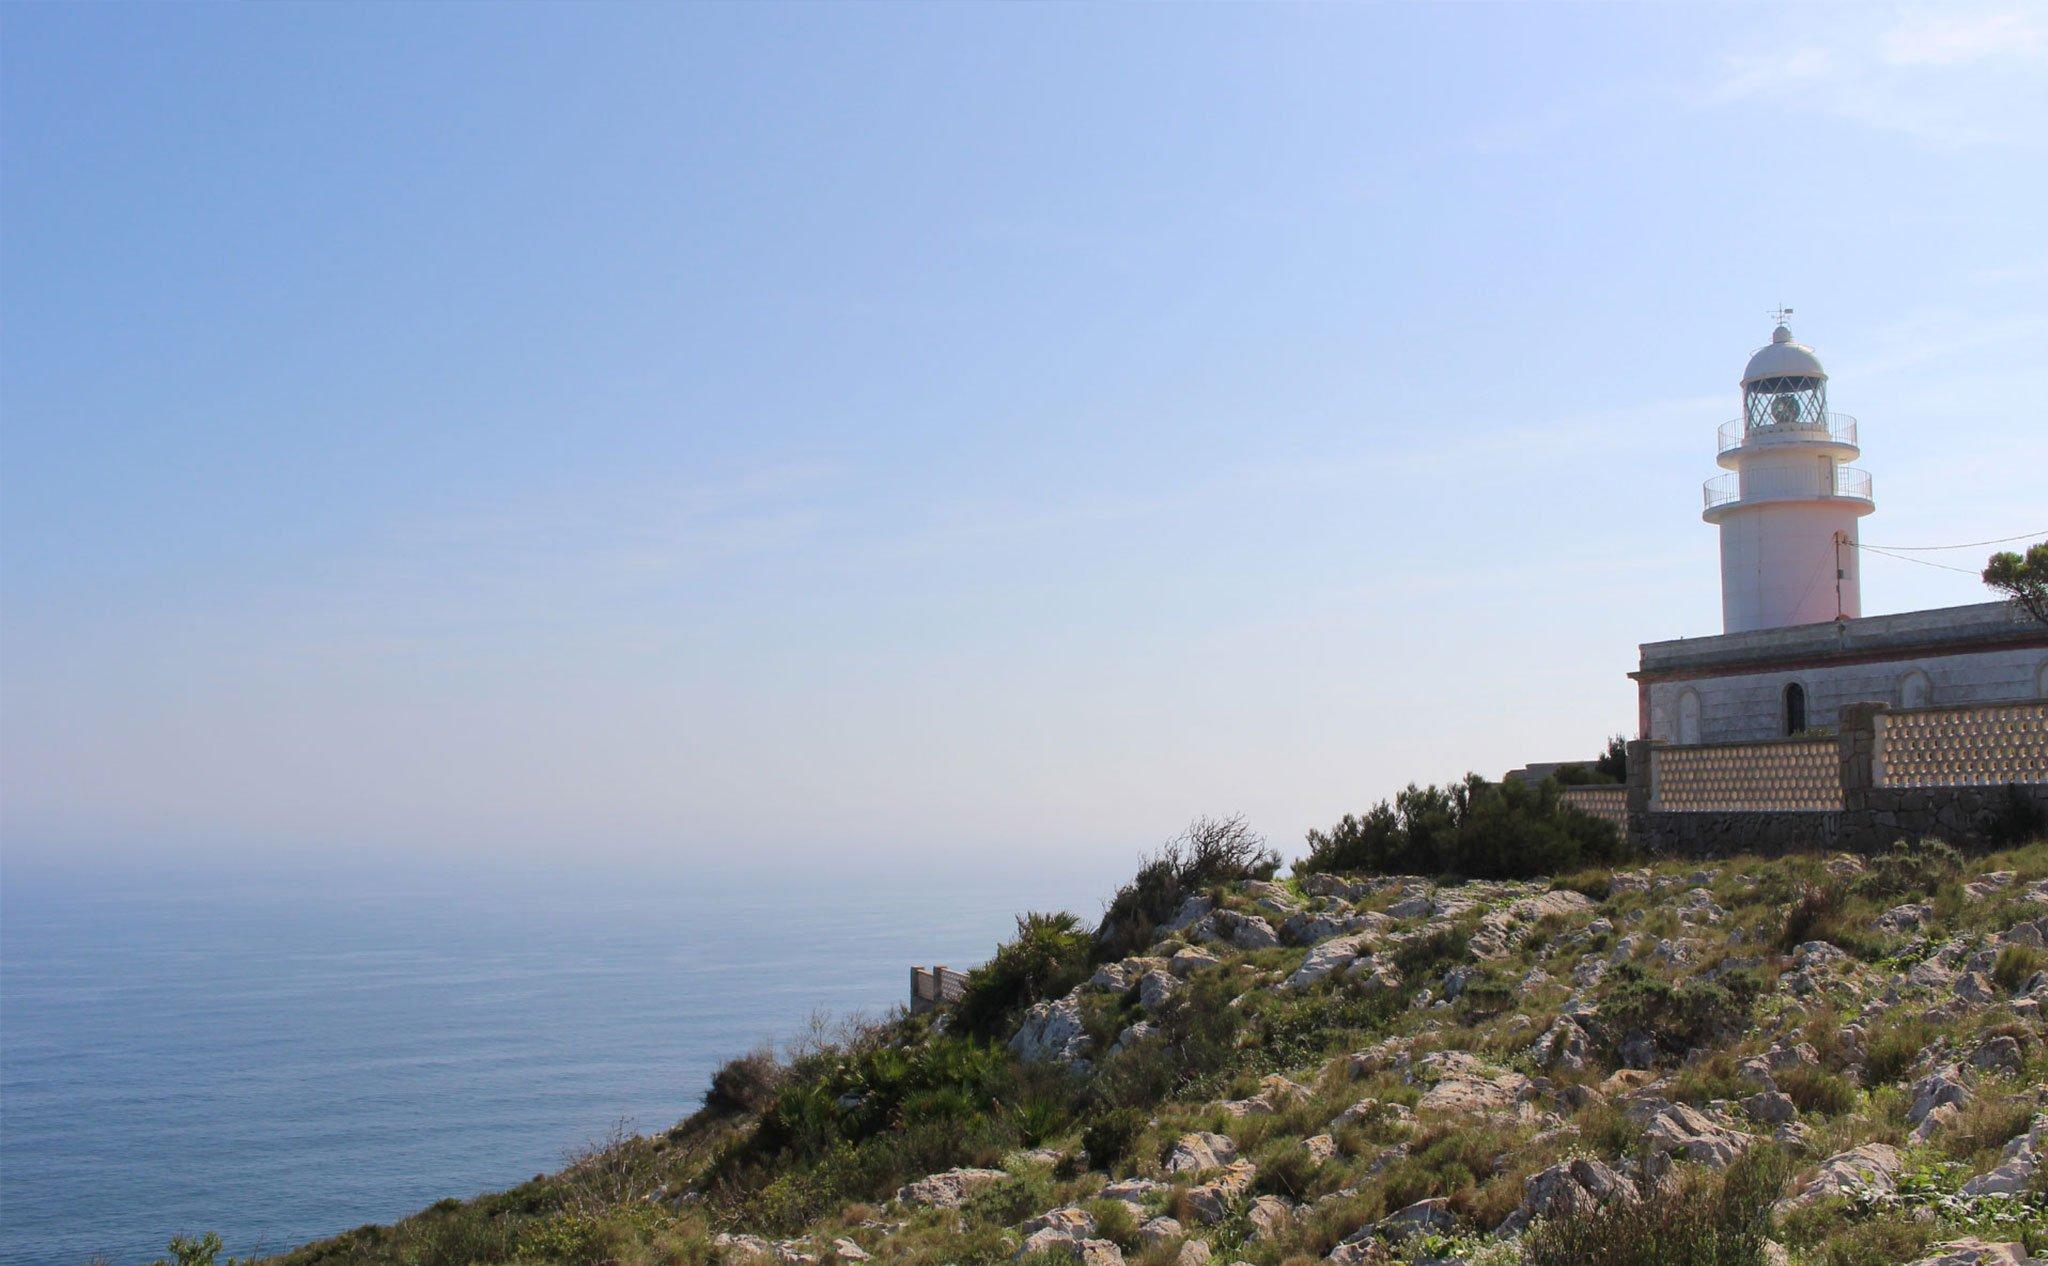 Vista del faro del Cap de Sant Antoni de Xàbia